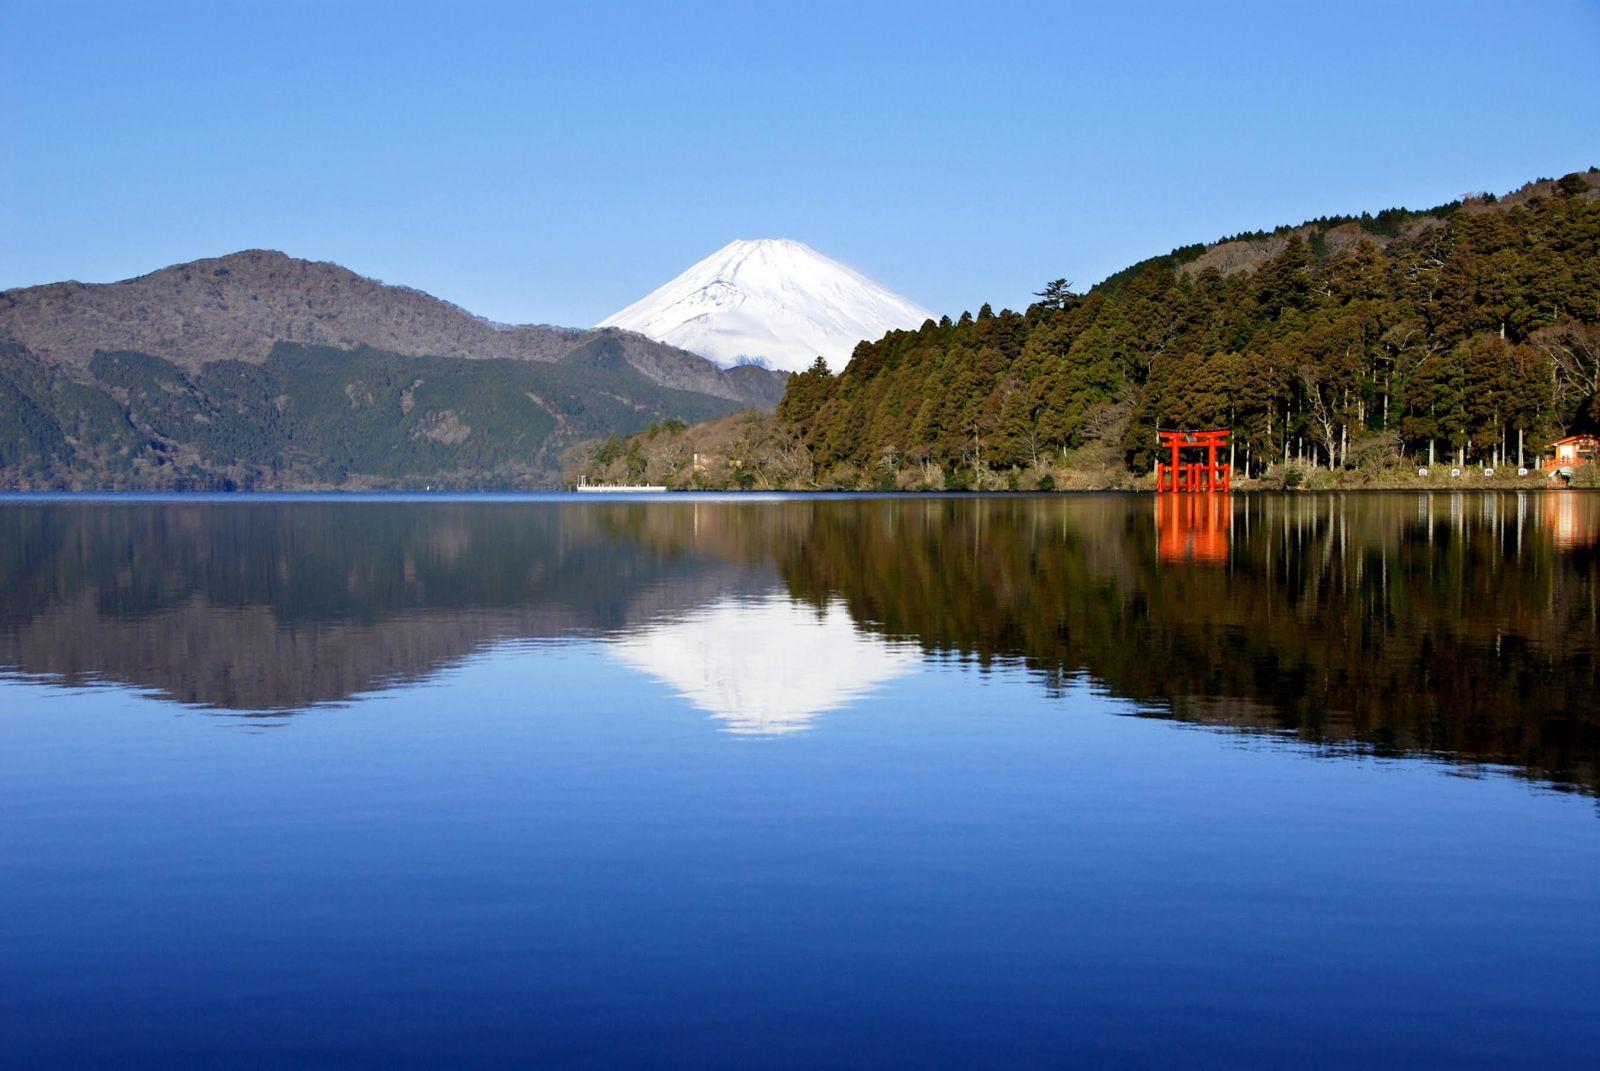 Du lịch Nhật Bản nhớ ghé thăm thắng cảnh Hakone